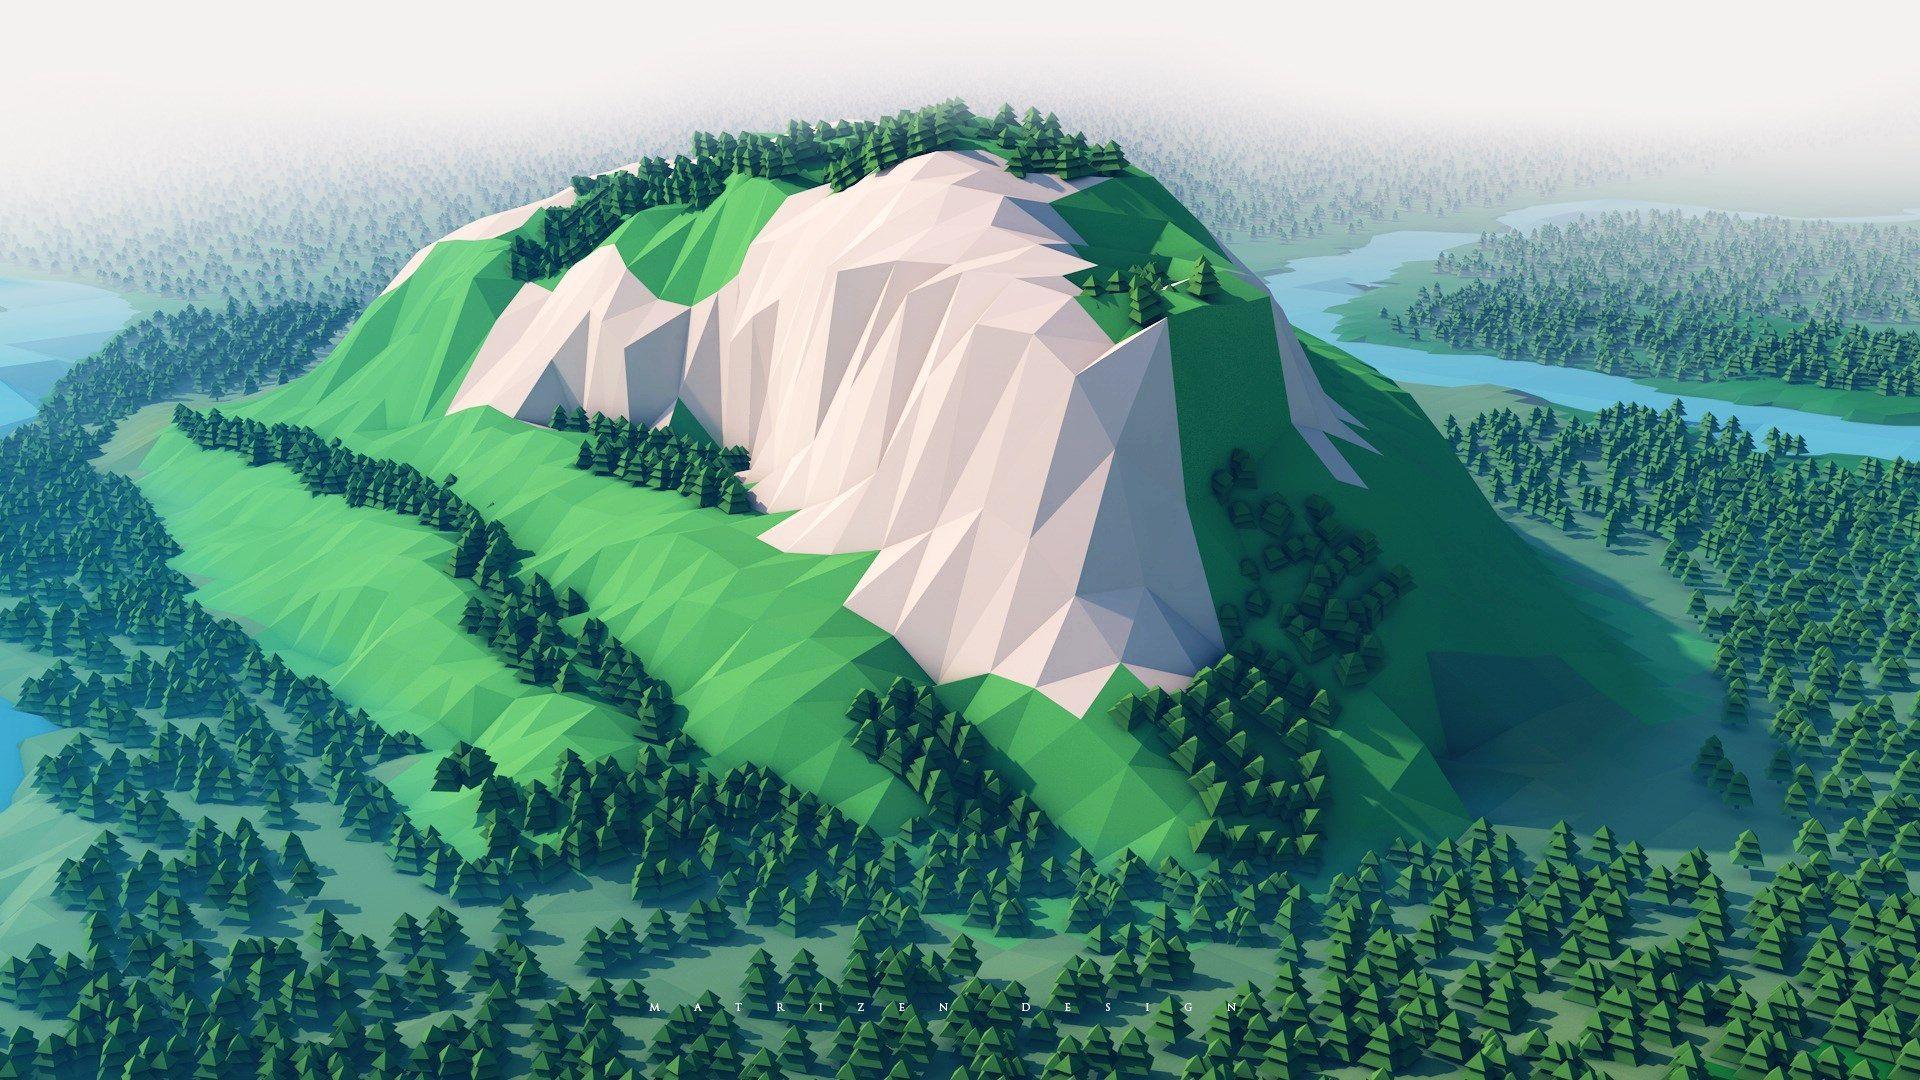 1920x1080 Mountains Wallpaper Pack 1080p Hd Digital Wallpaper